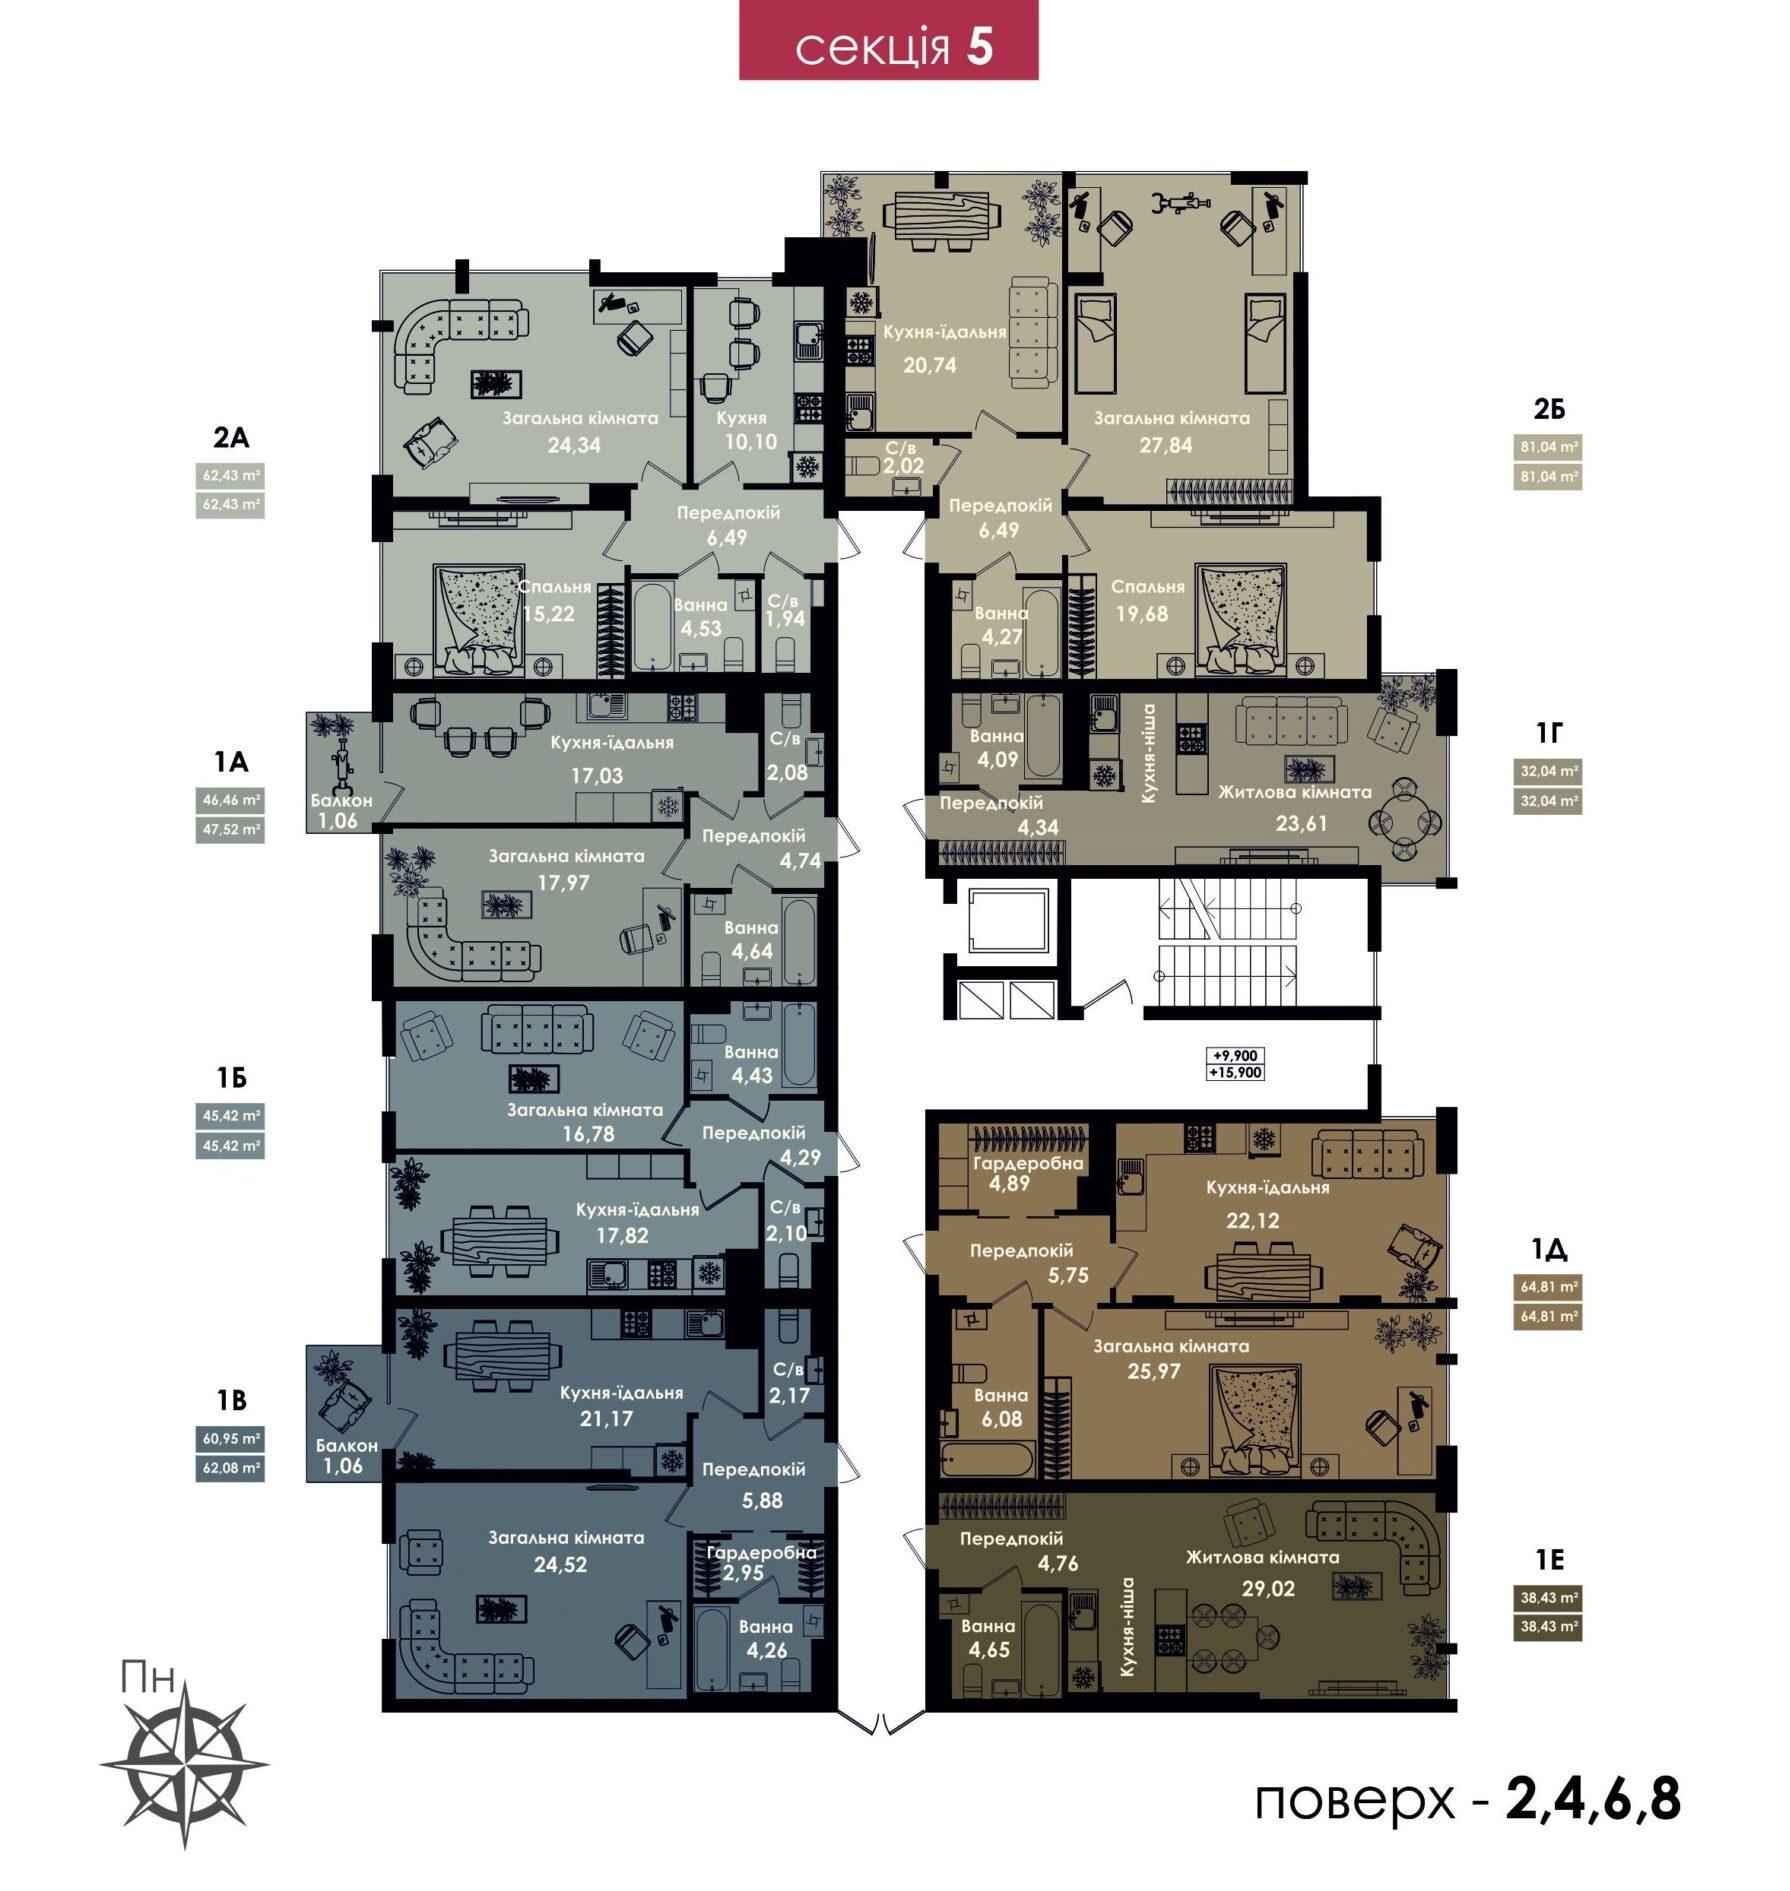 Квартира 2Б, секція 5, поверх 2, 4, 6, 8